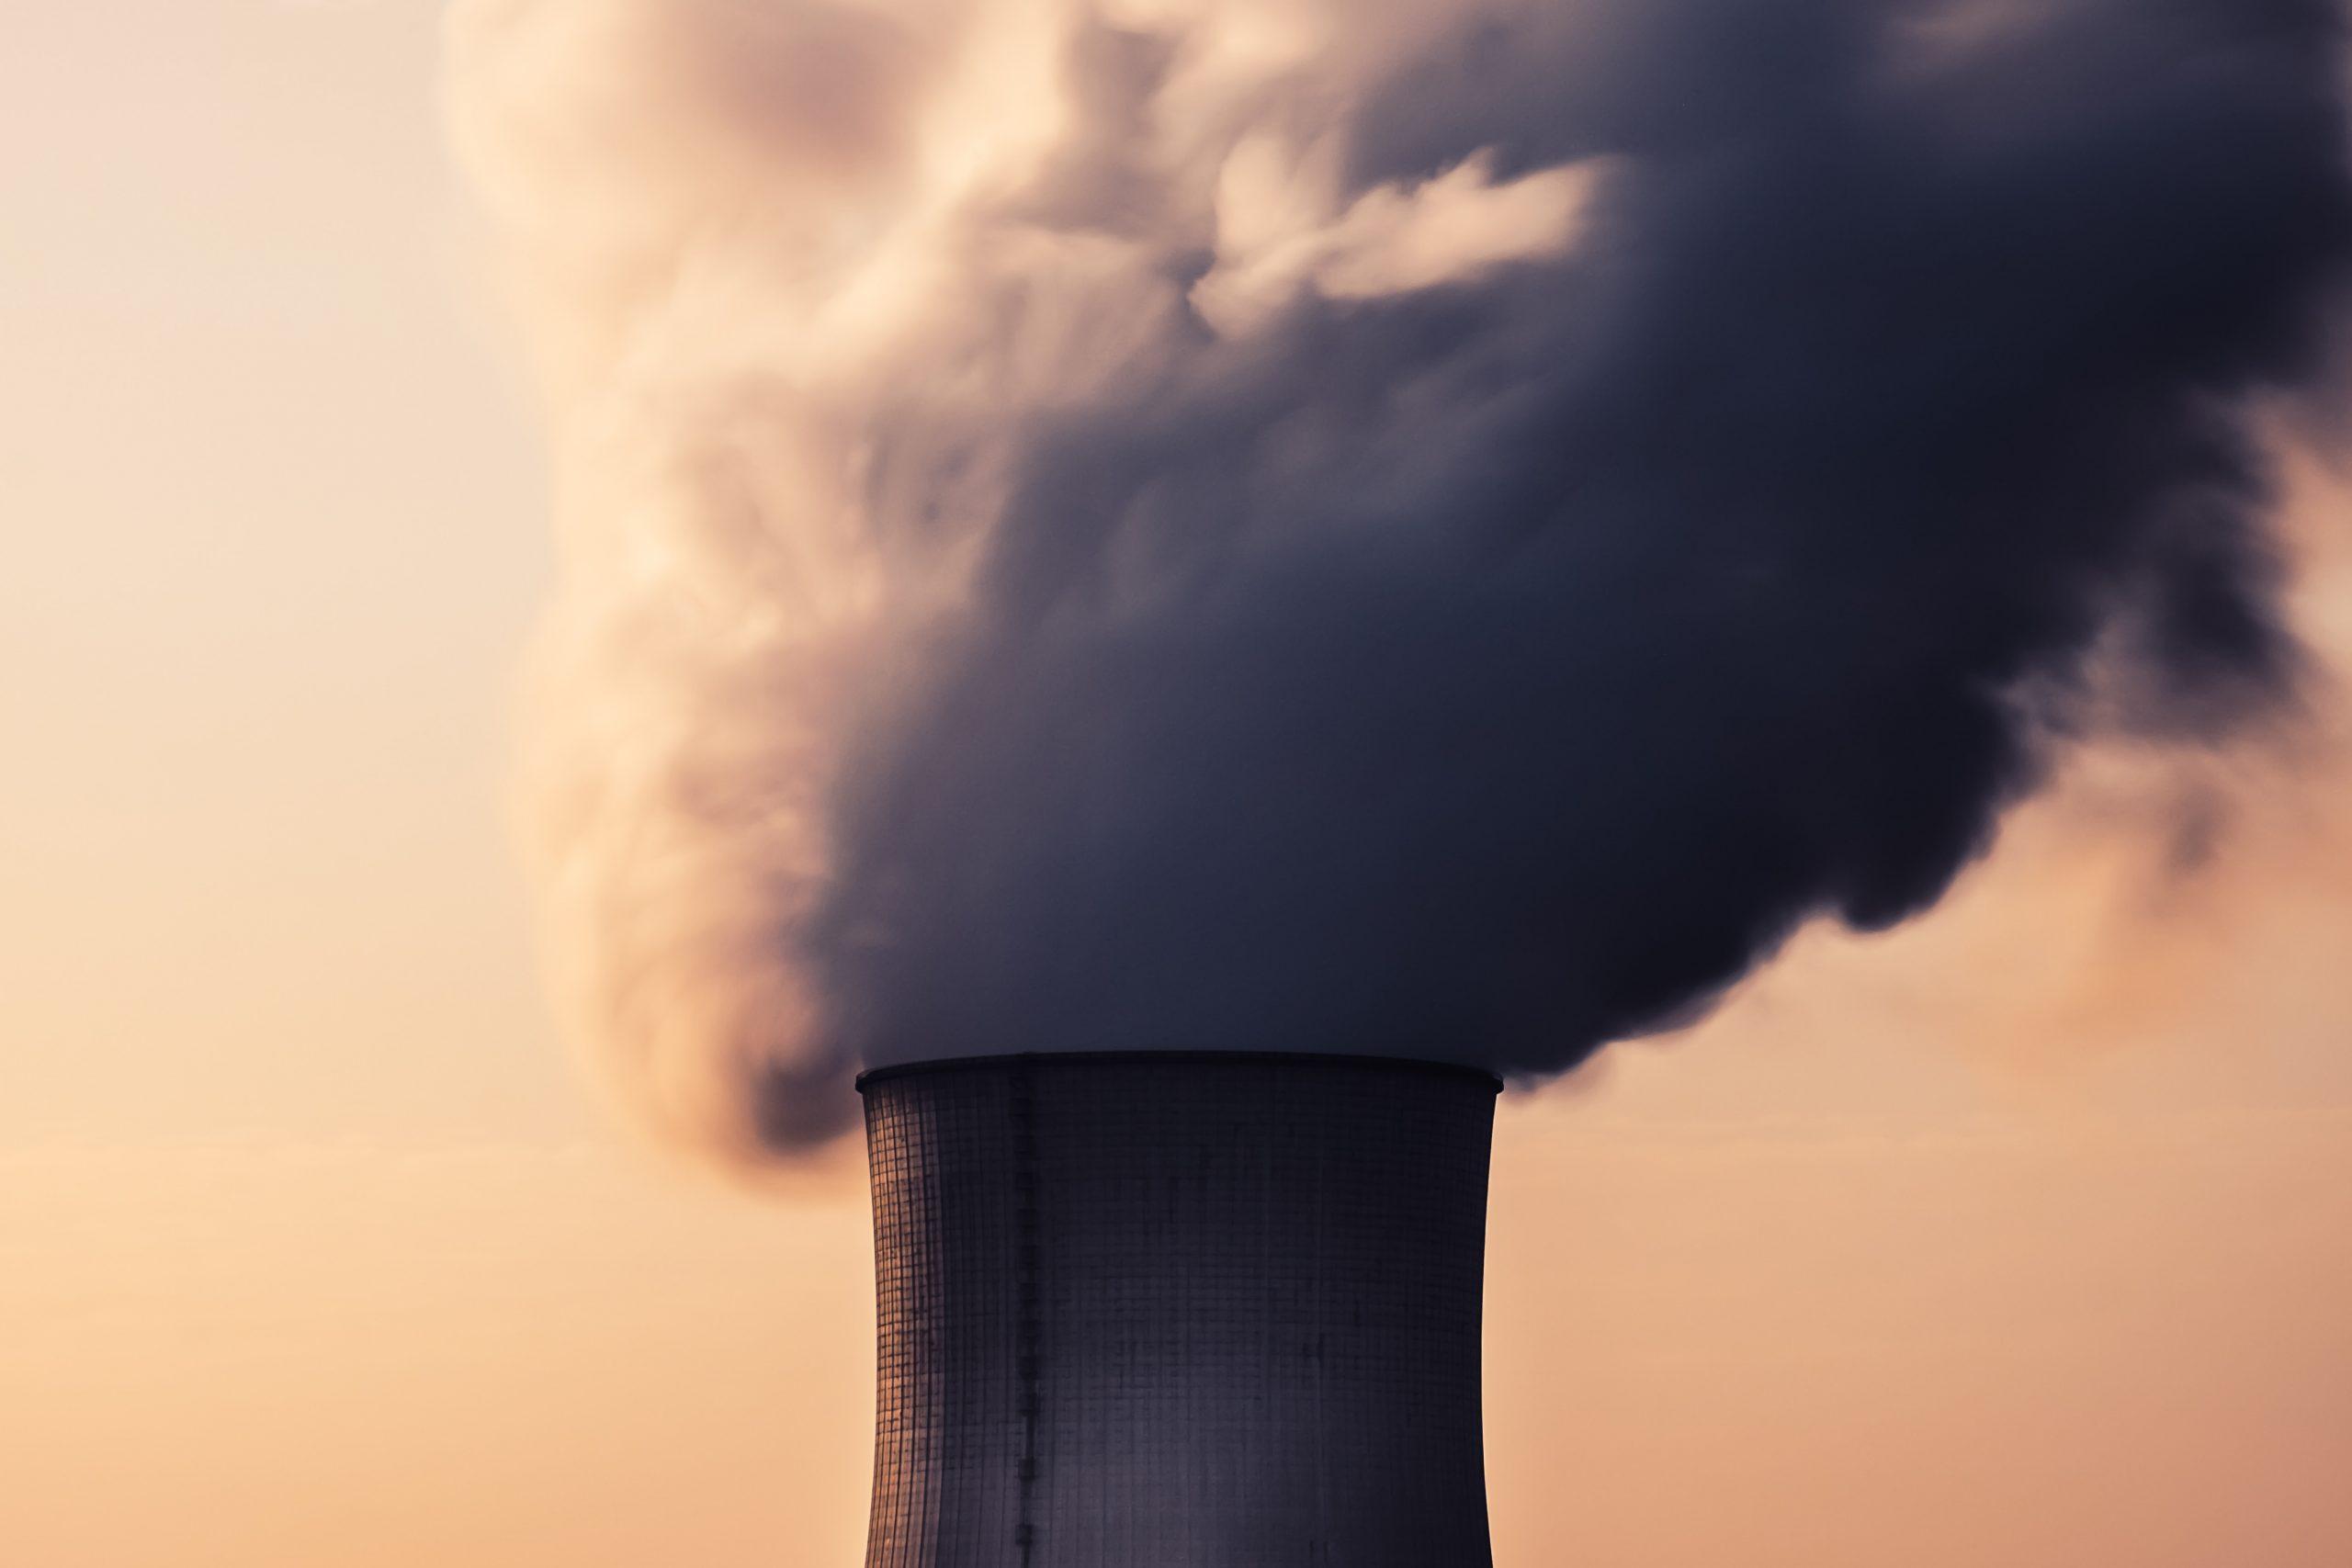 Chimenea de una central nuclear